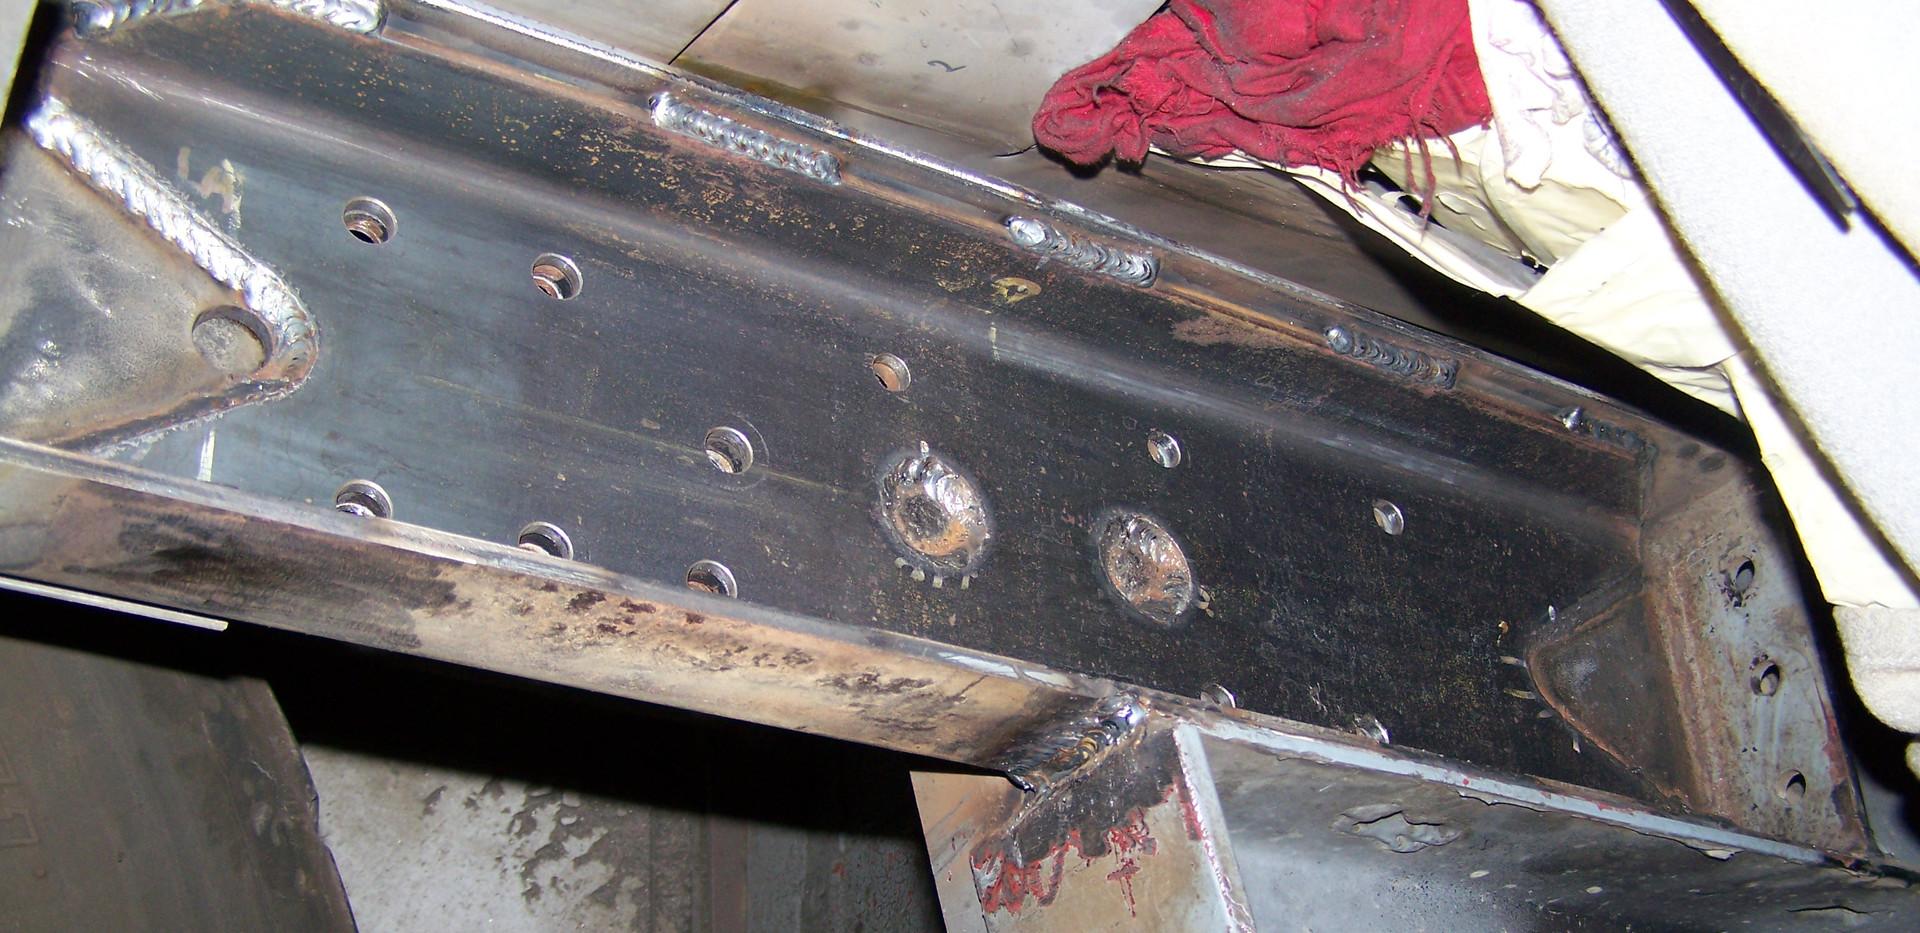 Chassis Repairs17.JPG